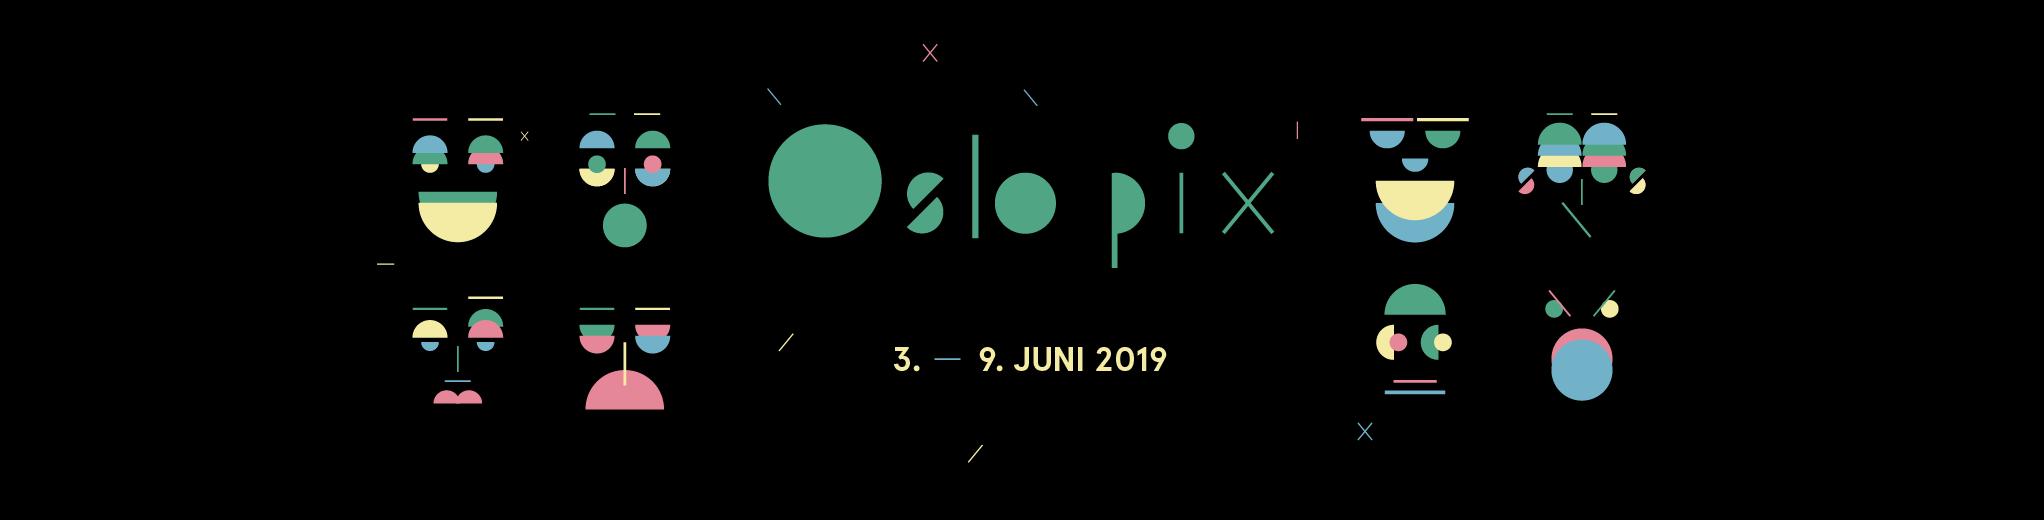 OSLOPIX2019_webheader